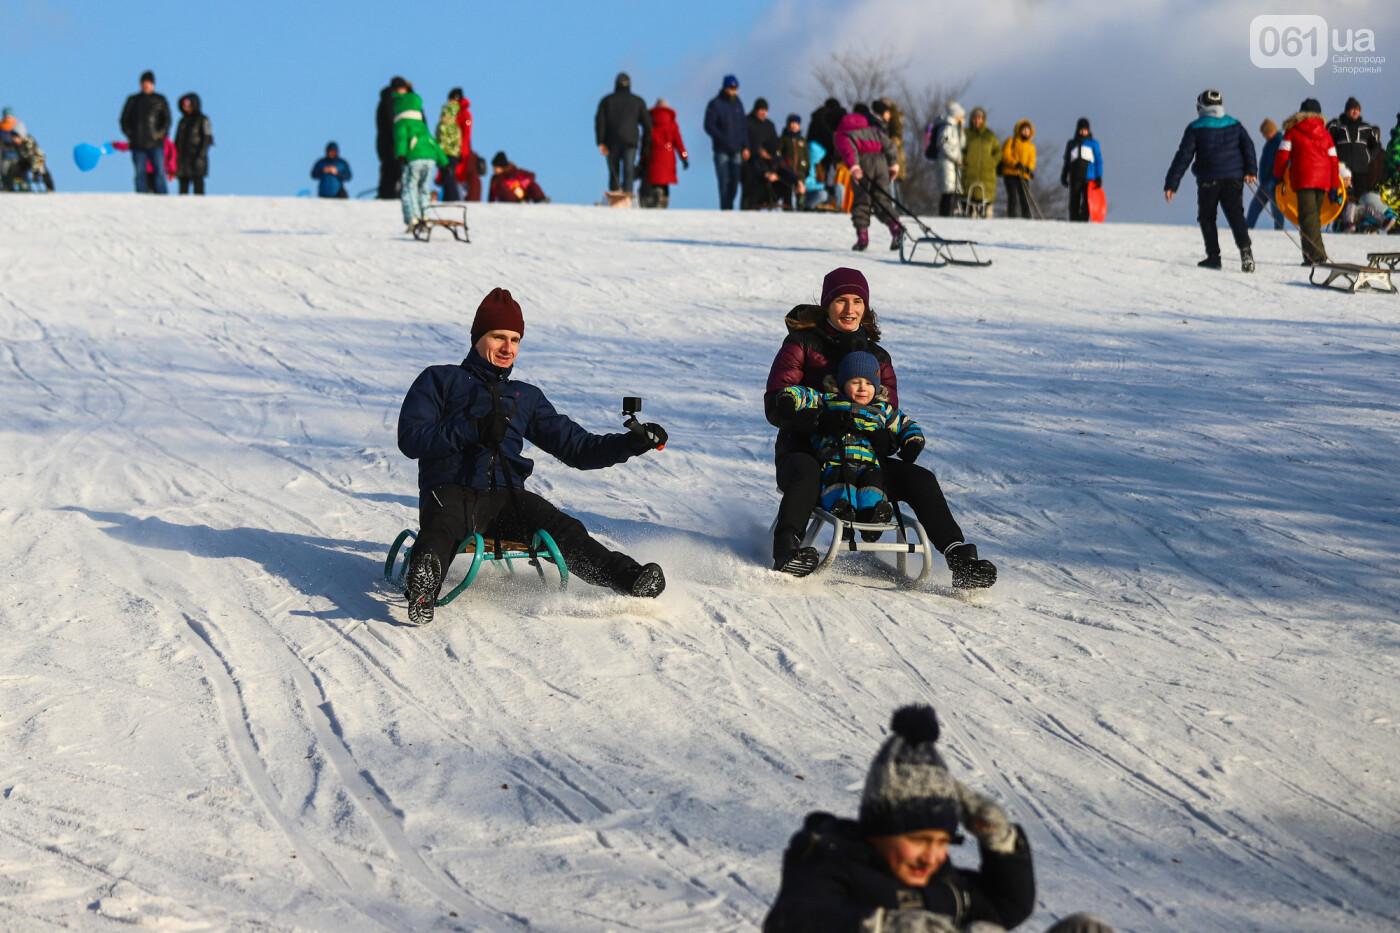 На санках, лыжах и сноуборде: запорожцы устроили массовое катание с горок в Вознесеновском парке, - ФОТОРЕПОРТАЖ, фото-22